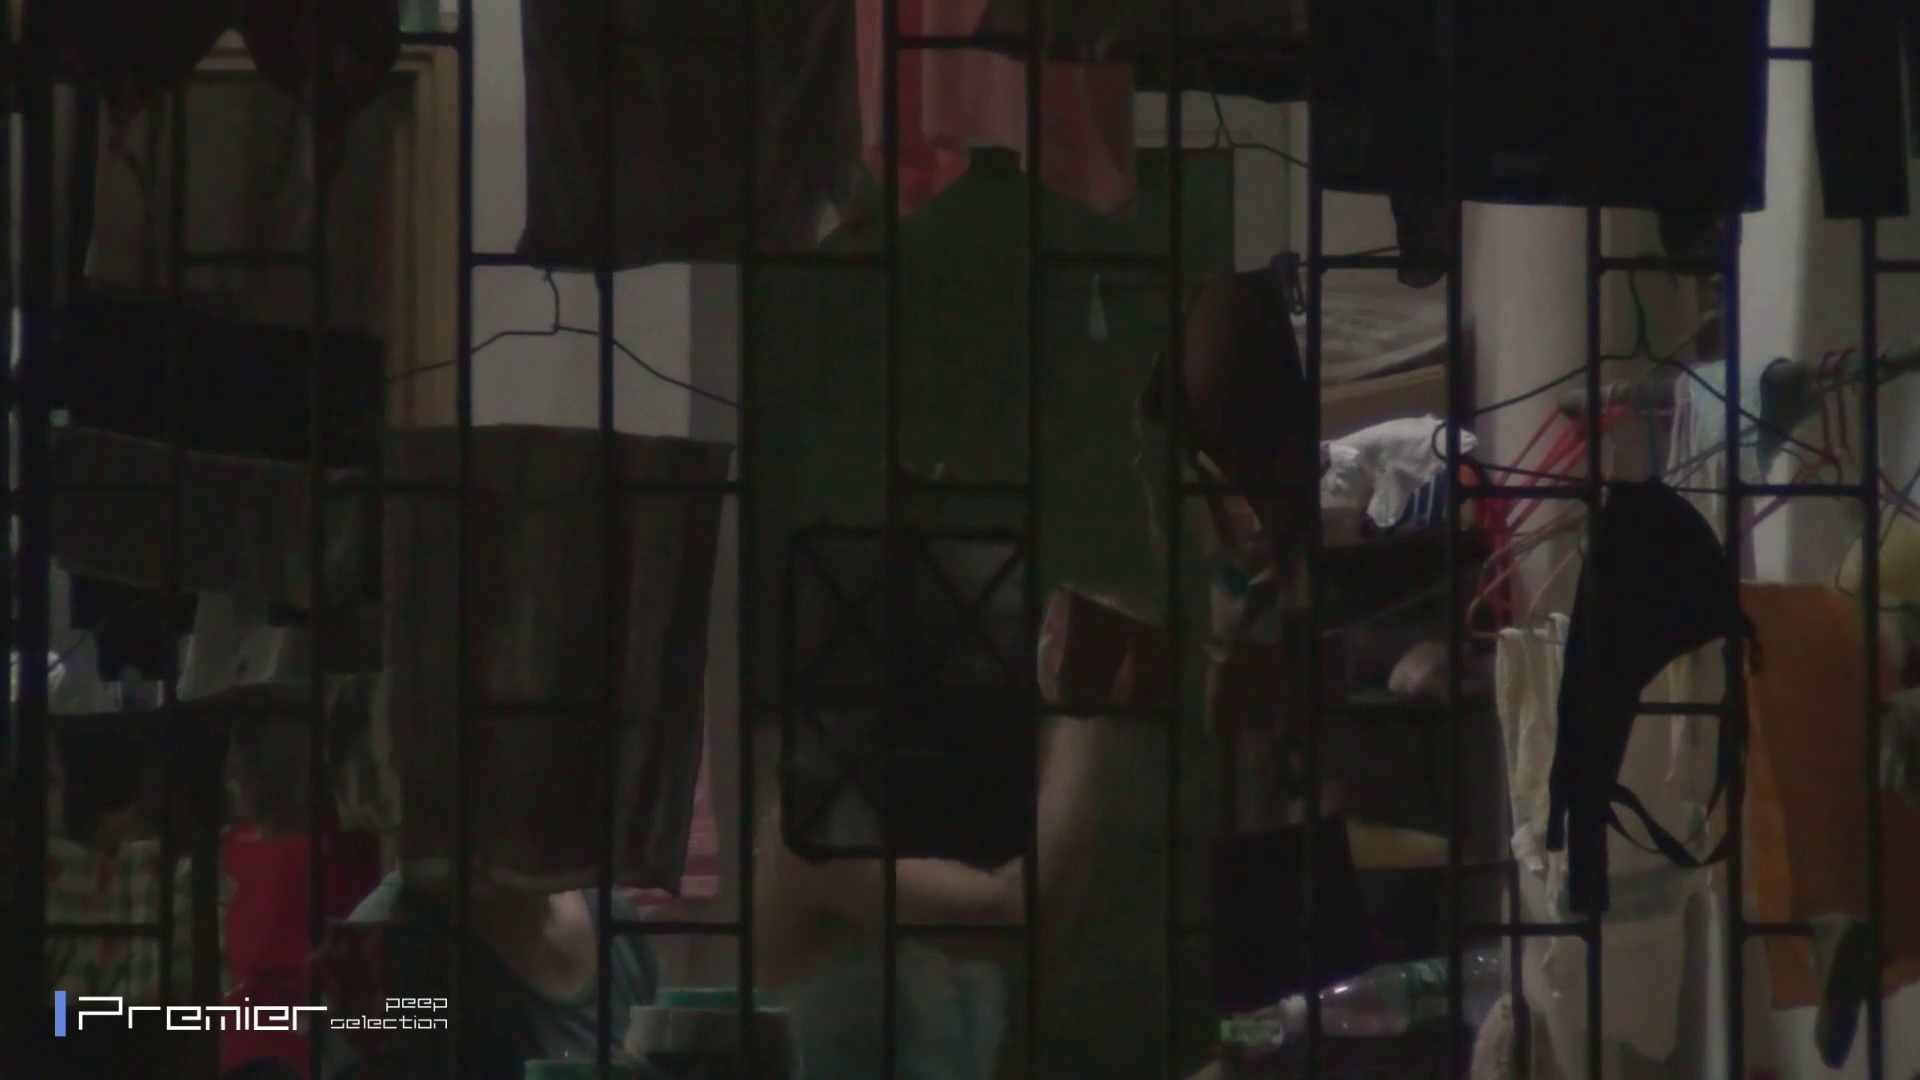 美女の痴態に密着!洗濯物を干す女 Vol.07 高画質動画 濡れ場動画紹介 60画像 26